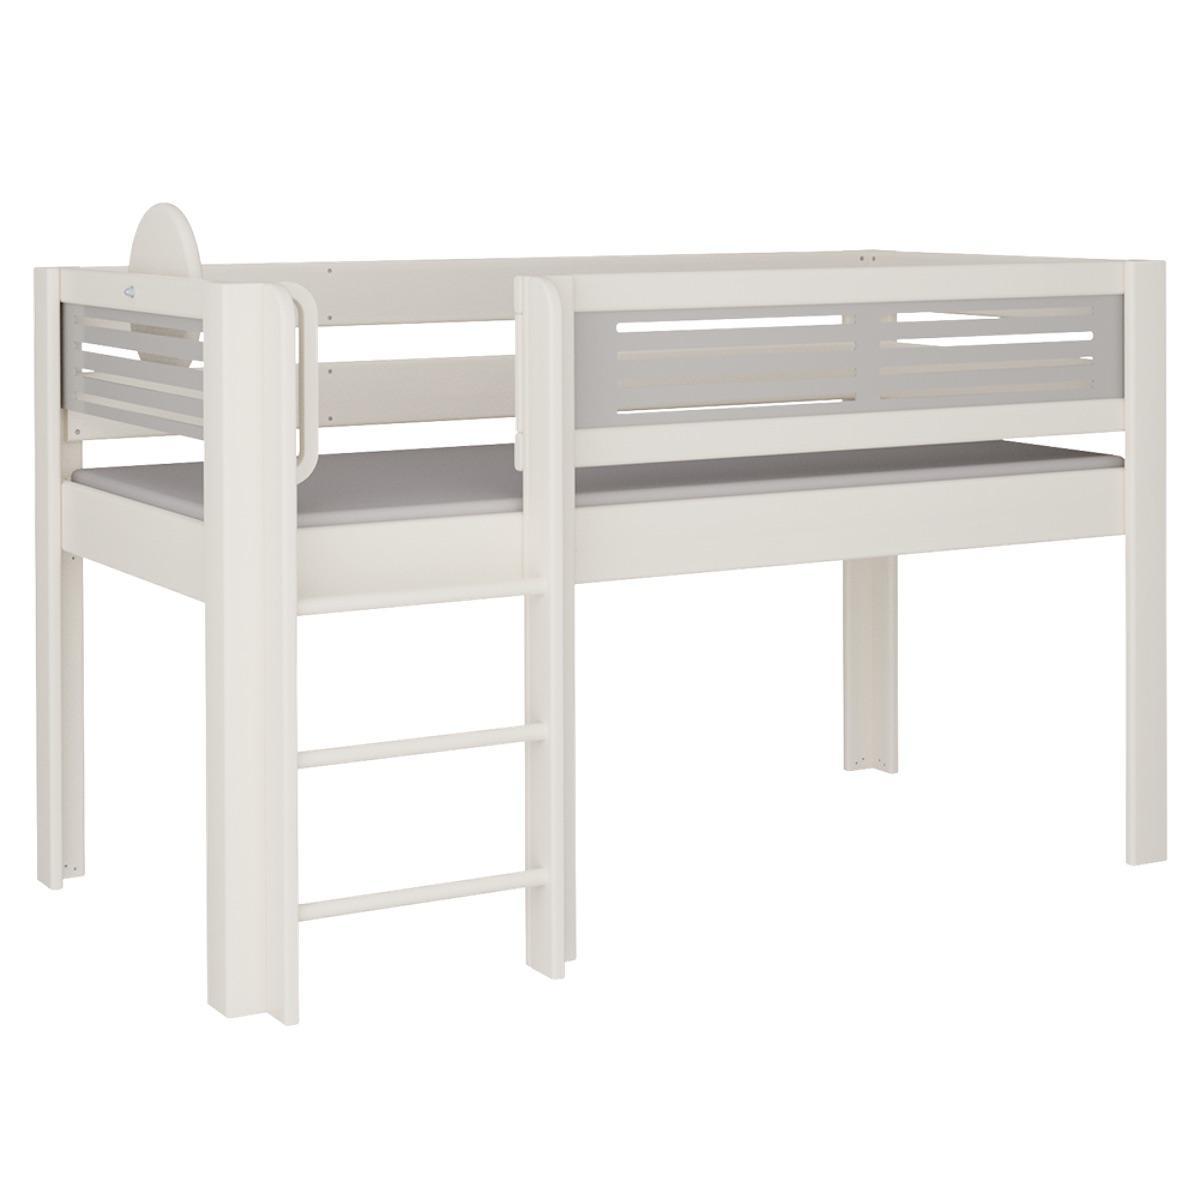 Tatü halbhohes Bett mit Leiter DELUXE De Breuyn weiß Füllungen grau